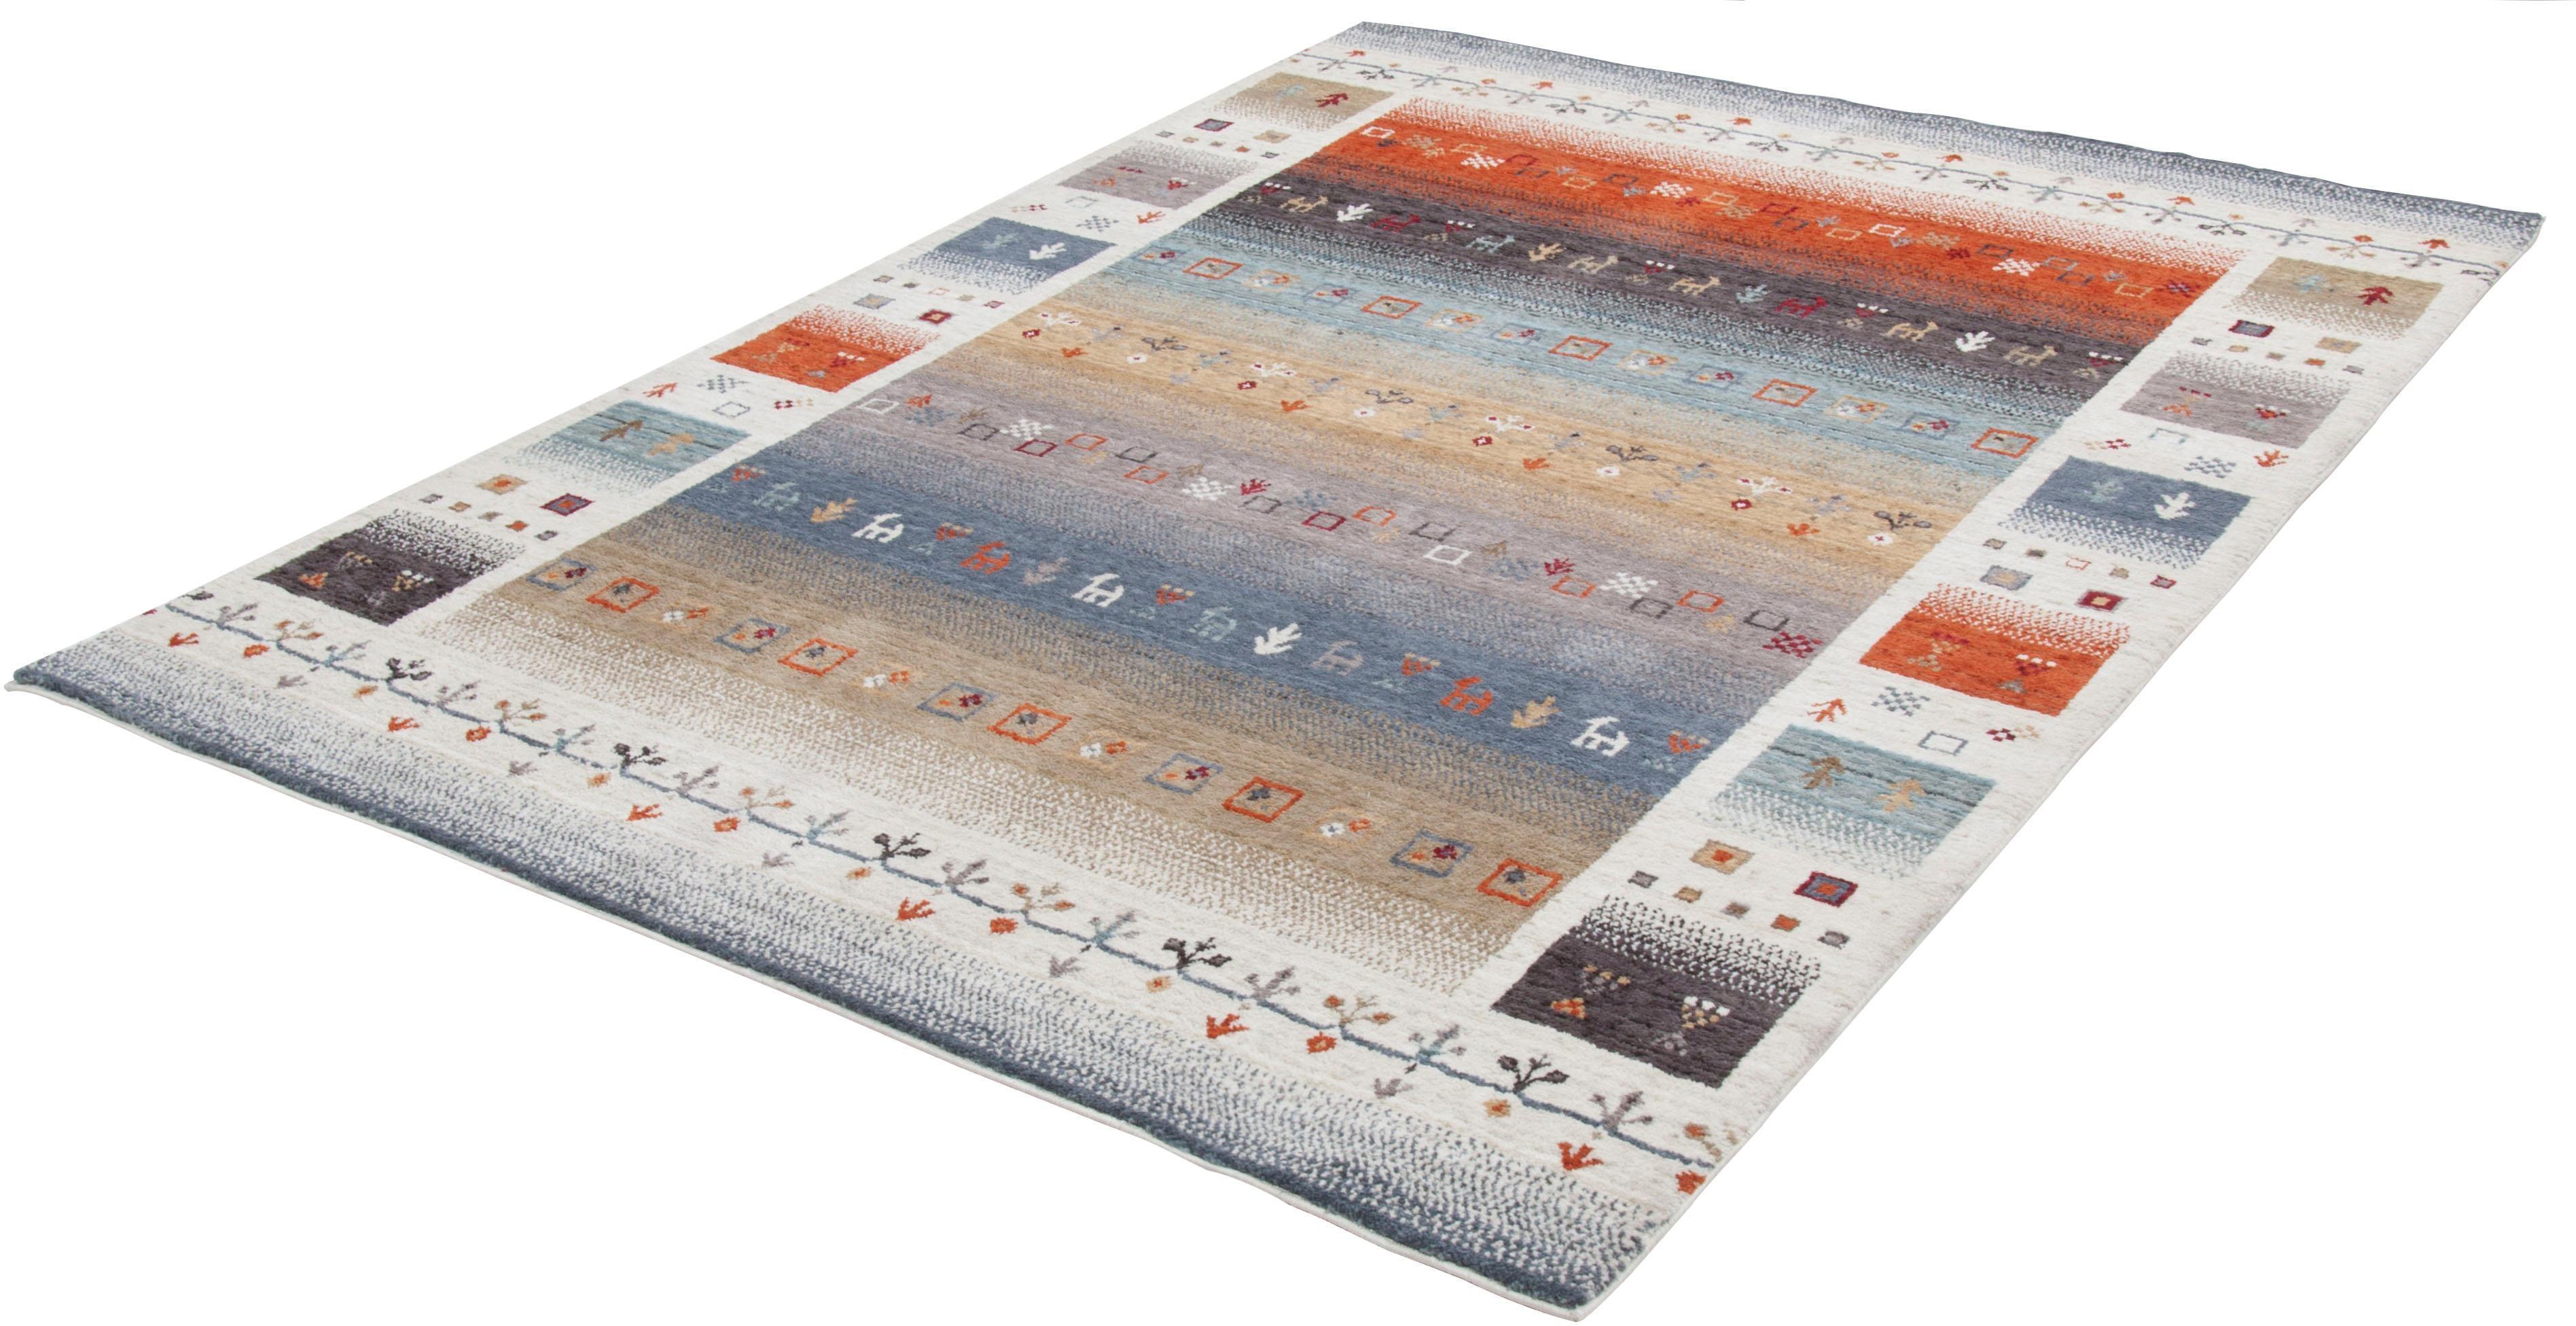 Teppich Francecso 24722 Gino Falcone rechteckig Höhe 14 mm maschinell gewebt